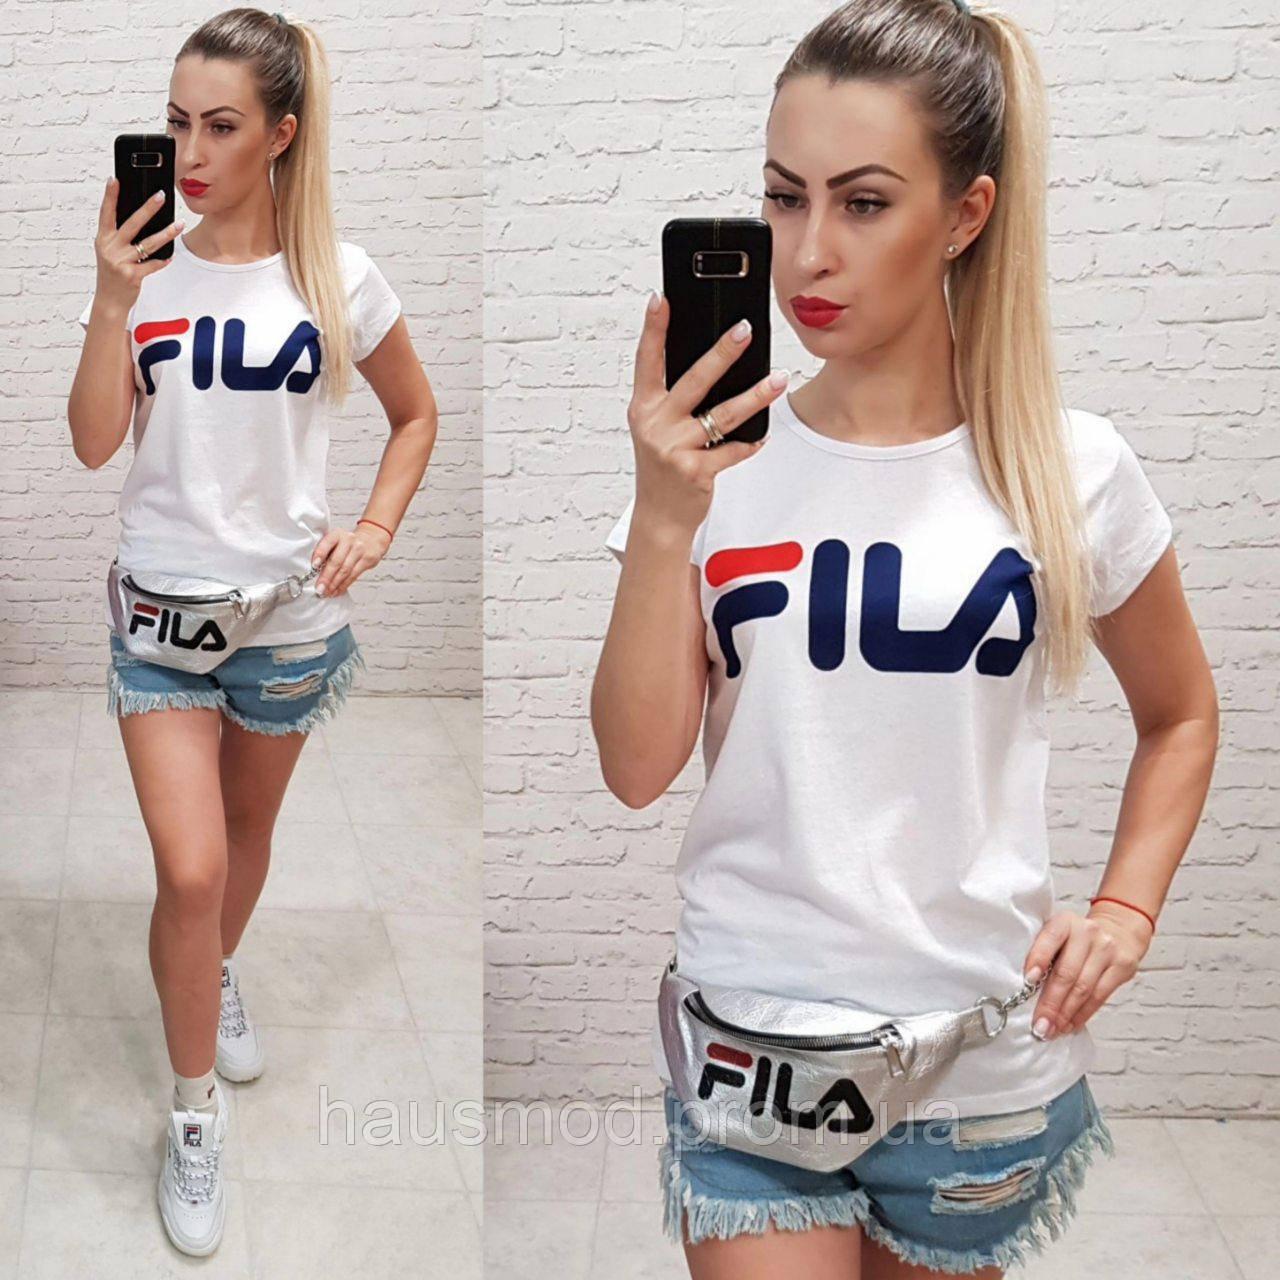 Женская футболка реплика Fila Турция 100% катон белая